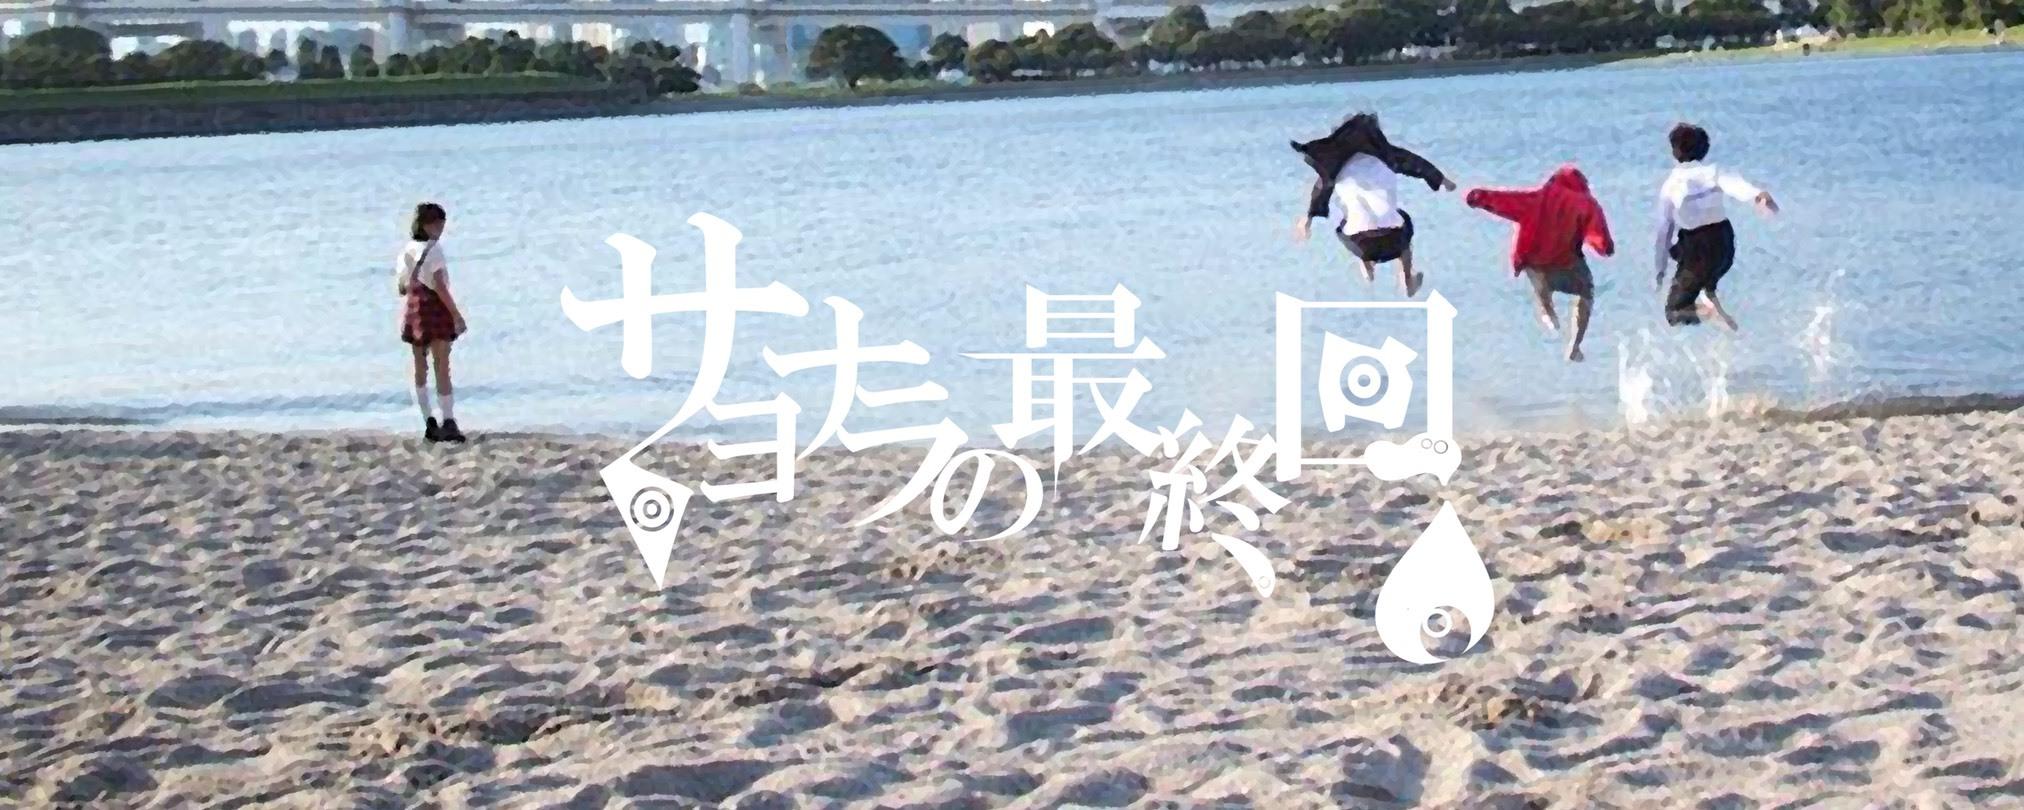 サヨナラの最終回 アルバム全曲MV化計画!【今、本当に辛い人と繋がるためのコンテンツになりたい!】